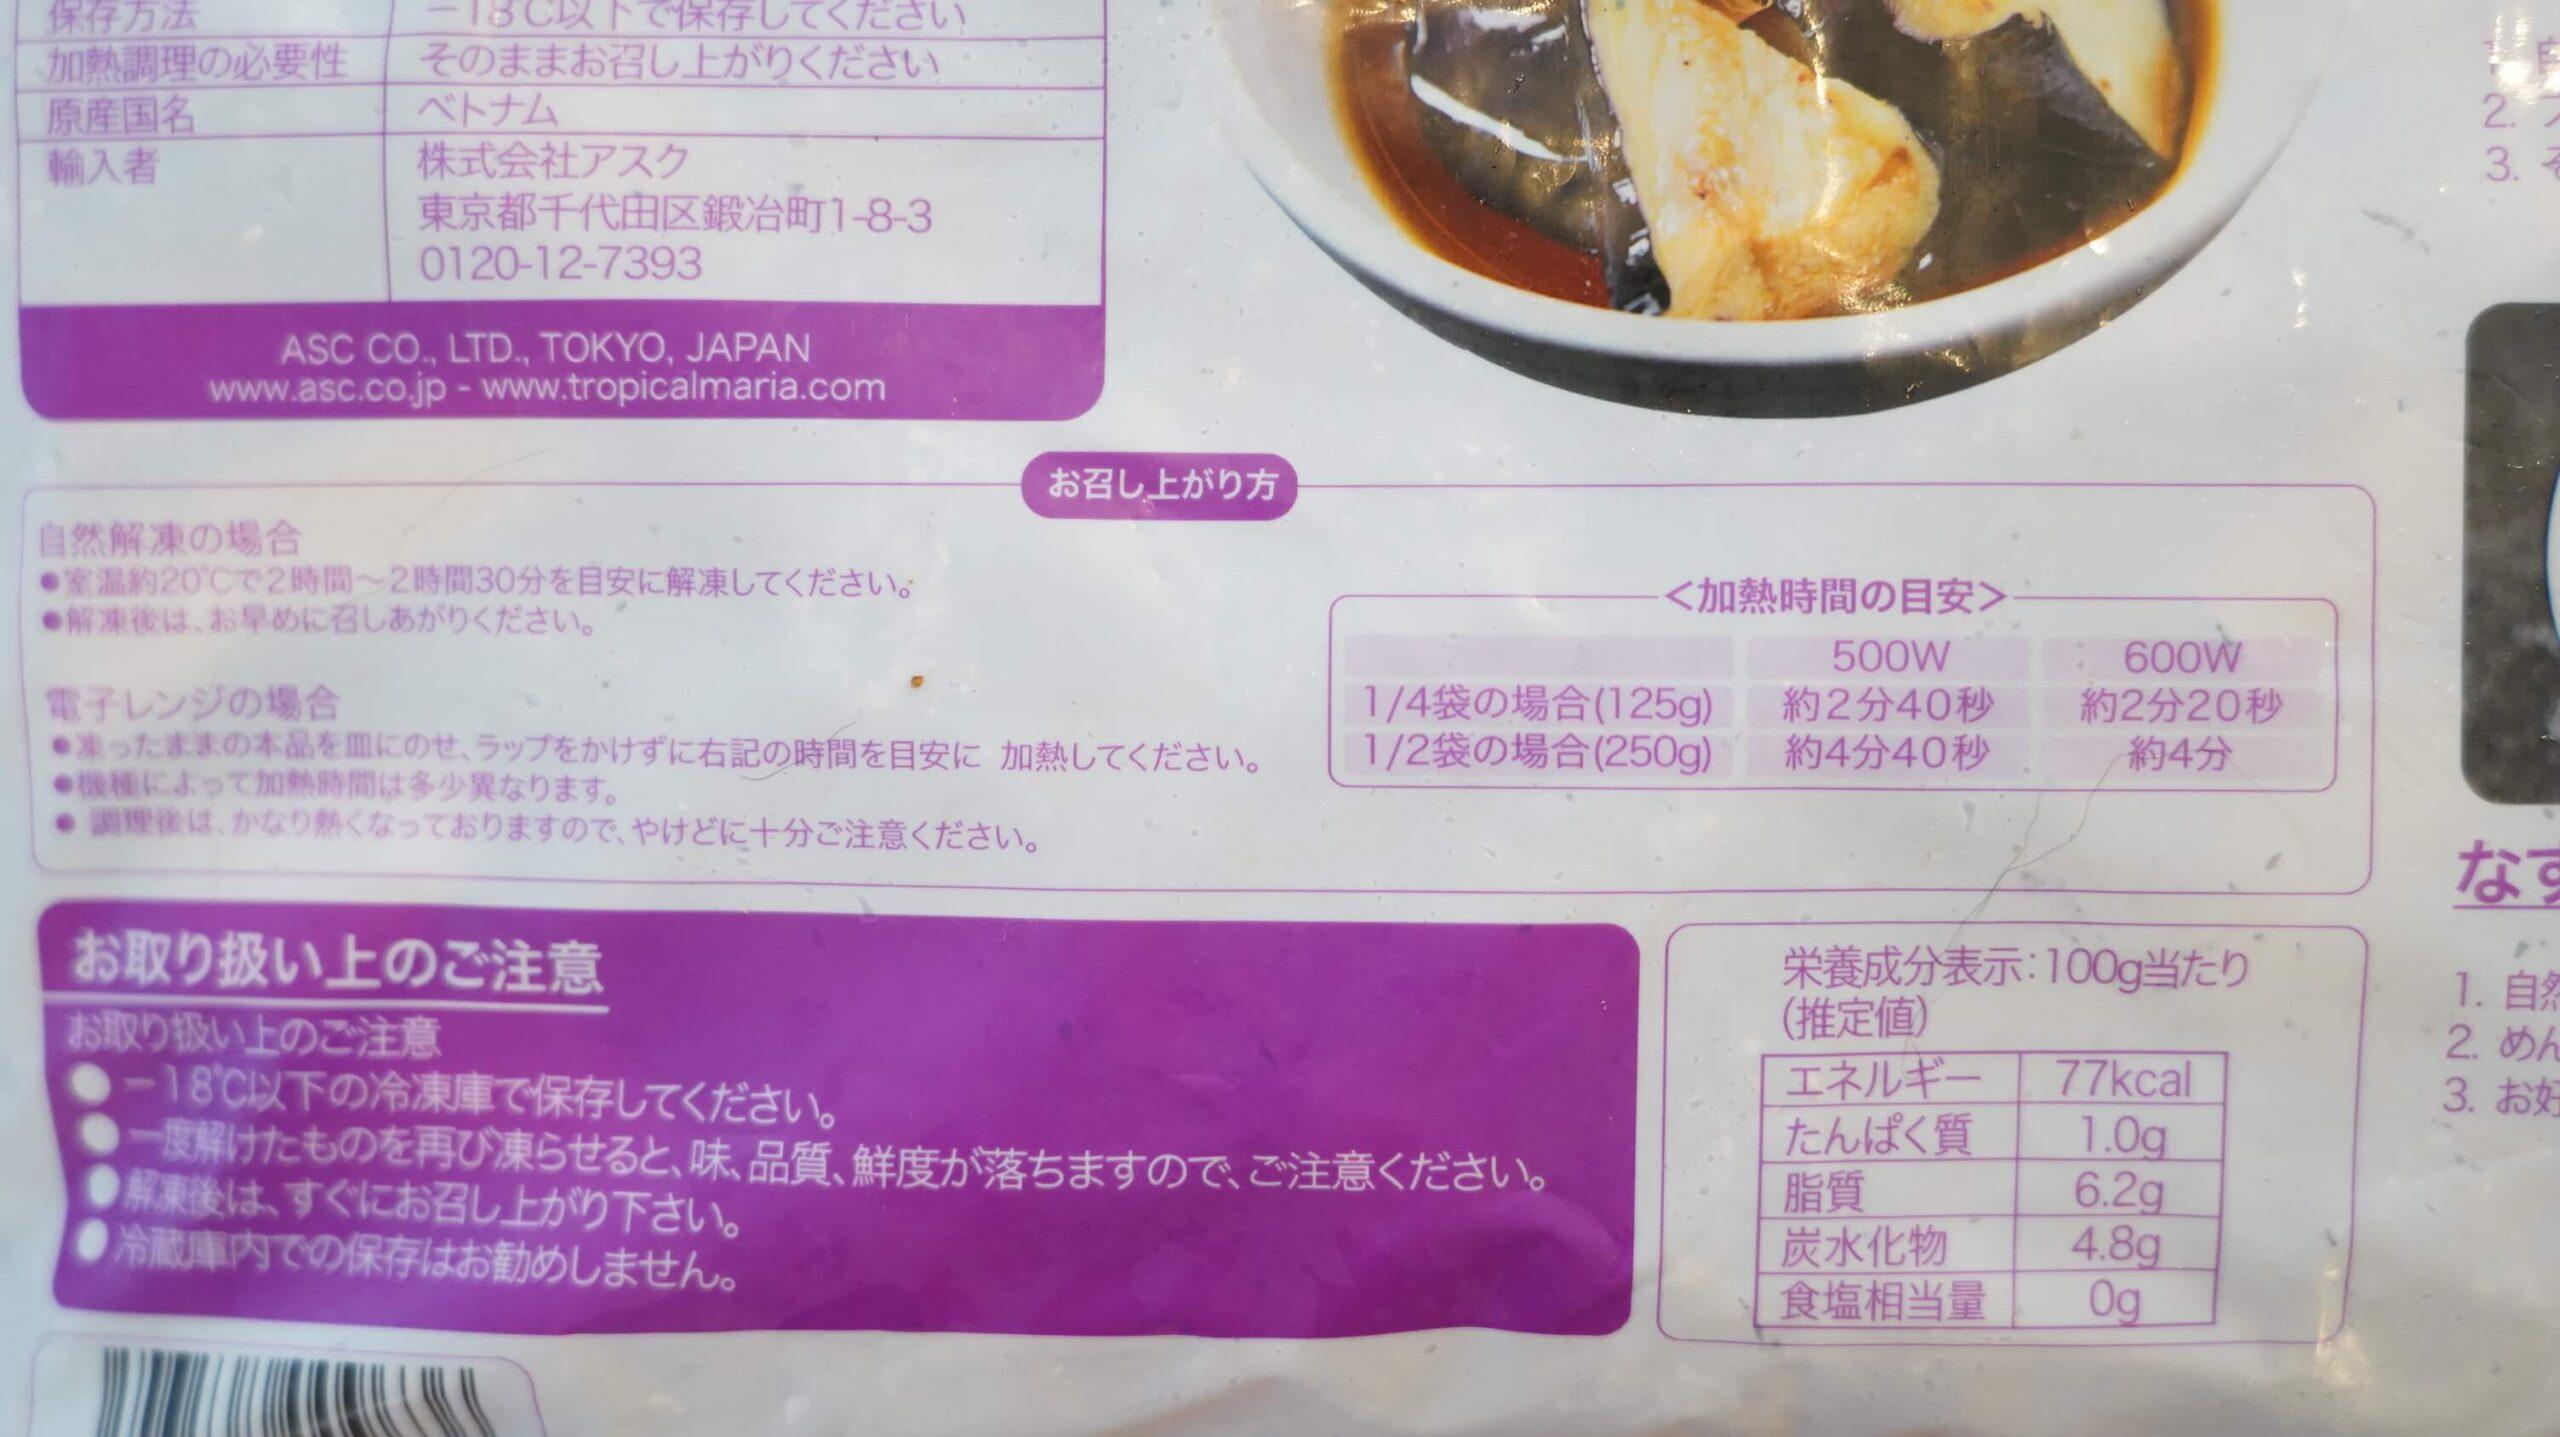 コストコの冷凍食品「カット揚げなす」のパッケージ裏面の拡大写真